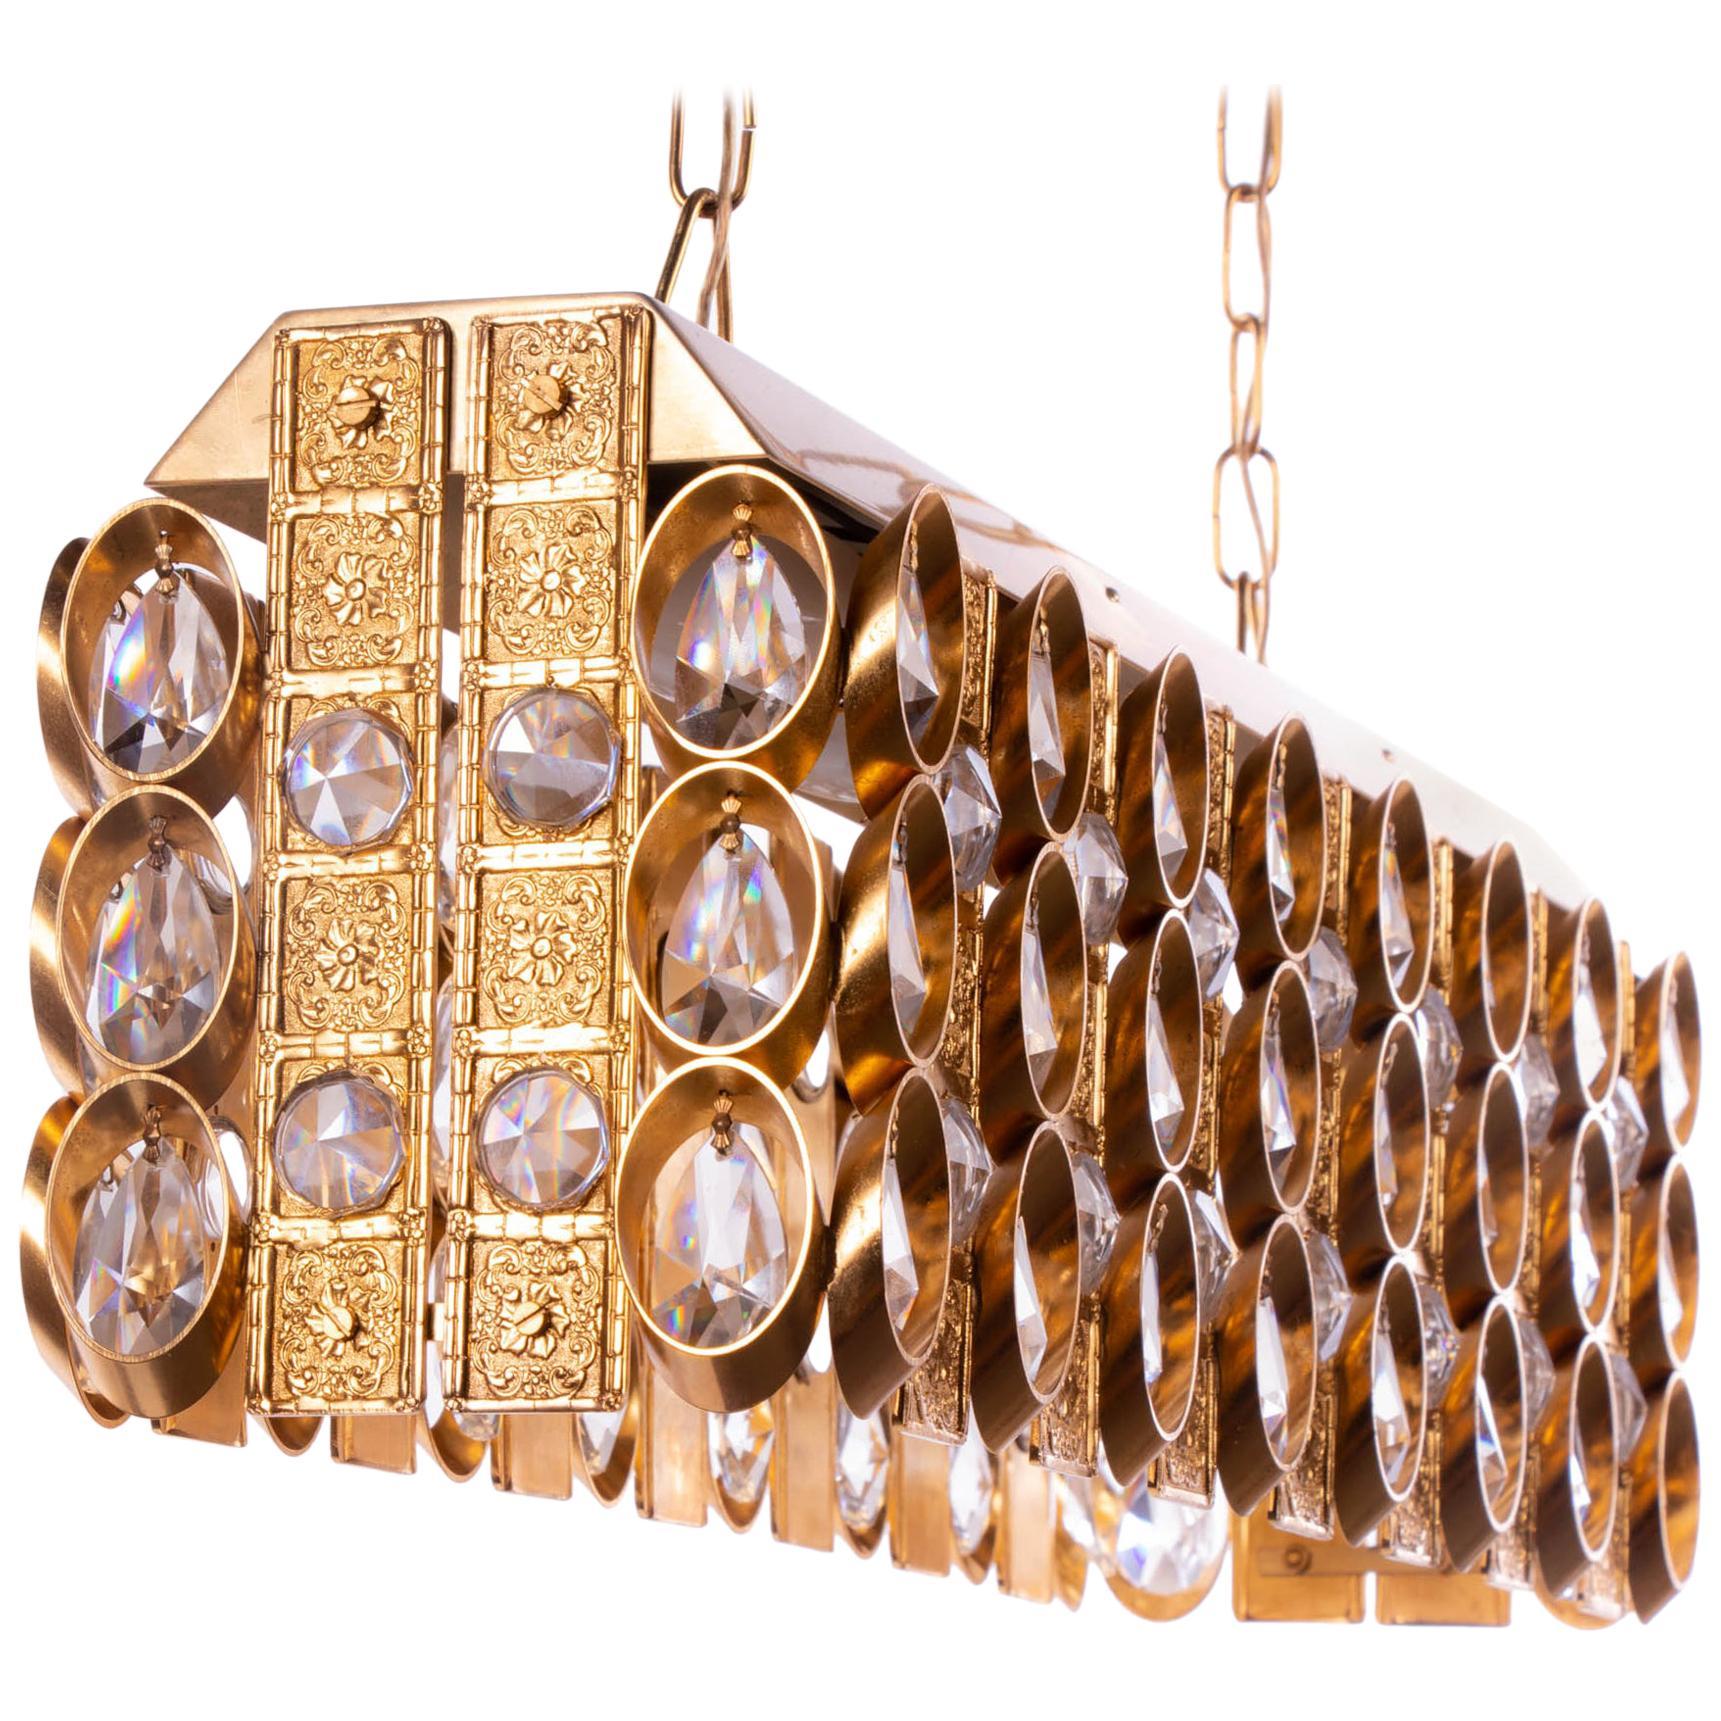 1960 Germany Palwa Chandelier Crystal & Gilt Brass by Christoph Palme